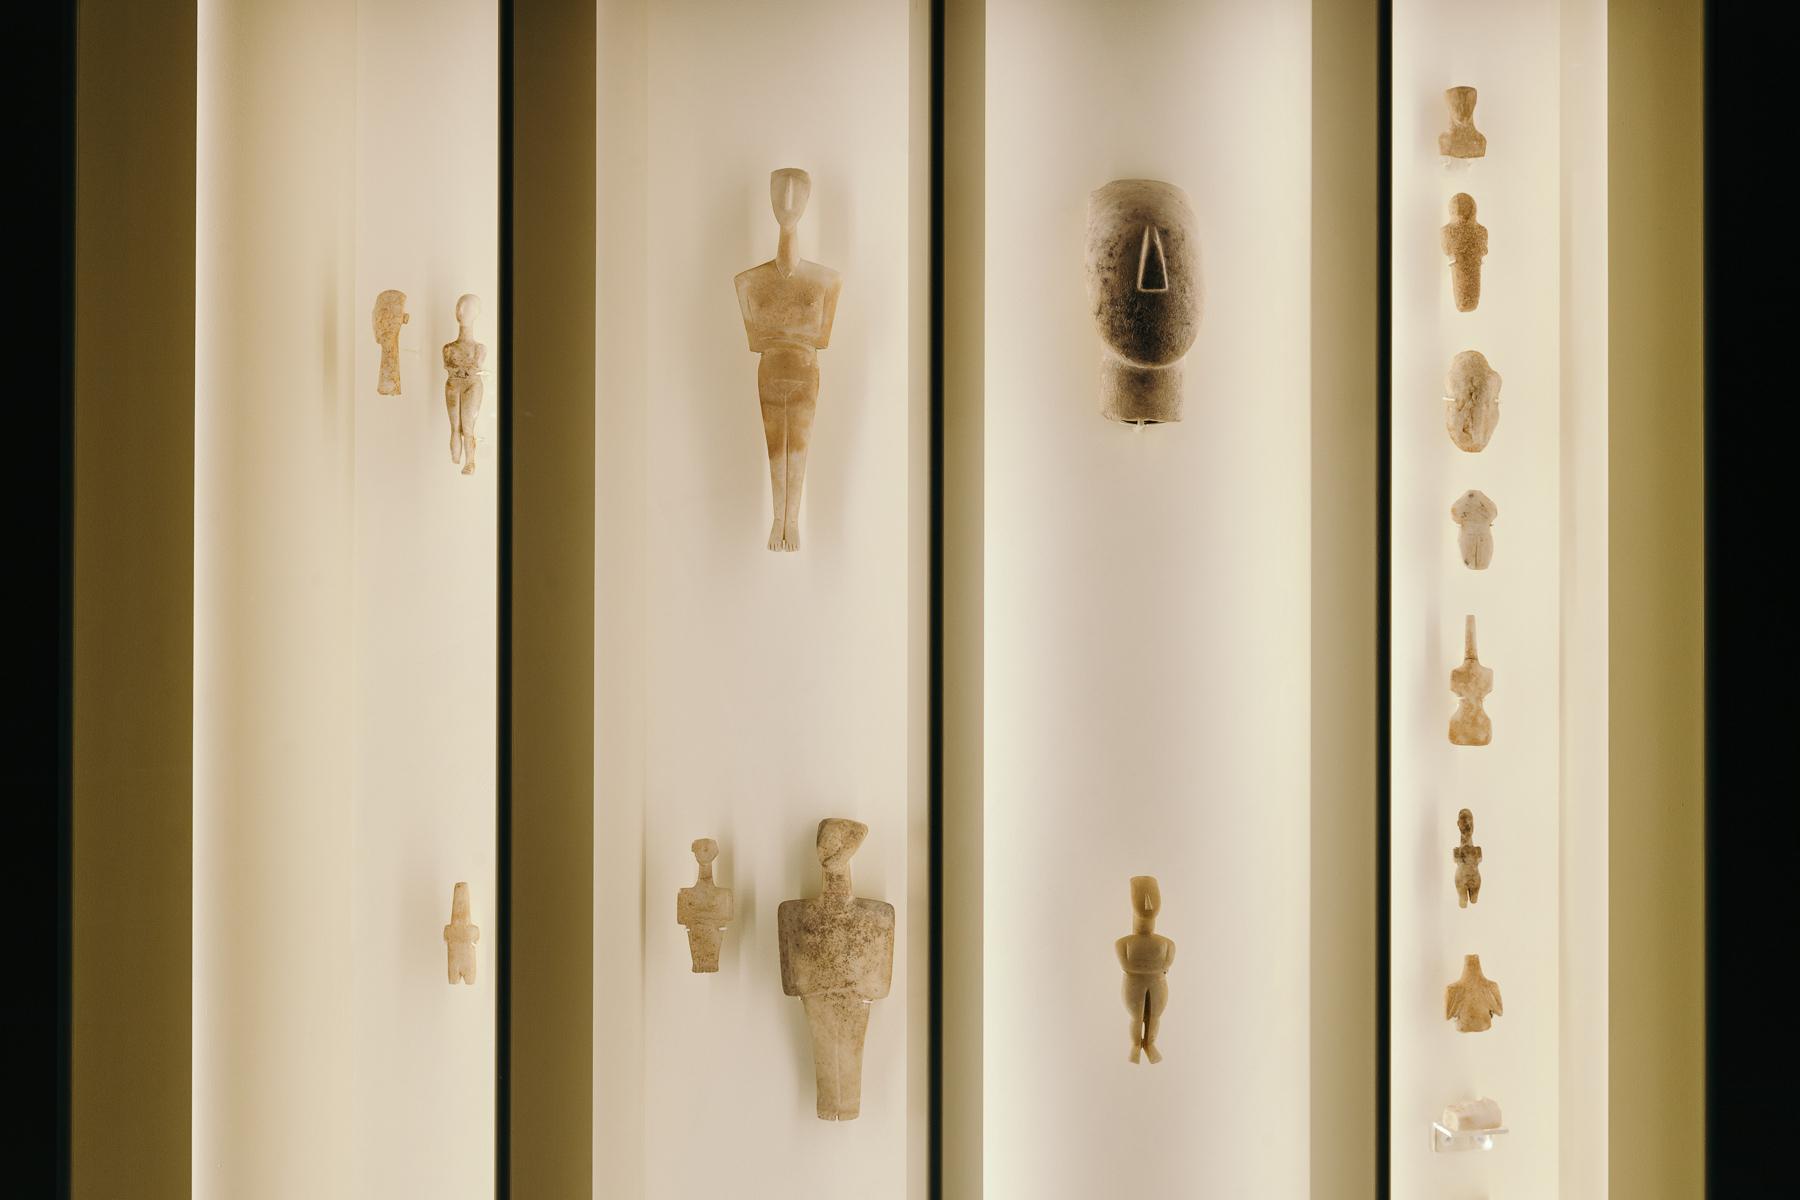 Μουσείο Κυκλαδικής Τέχνης: Οnline περιήγηση στην εμβληματική έκθεση «Κυκλαδική Κοινωνία. 5000 χρόνια πριν»